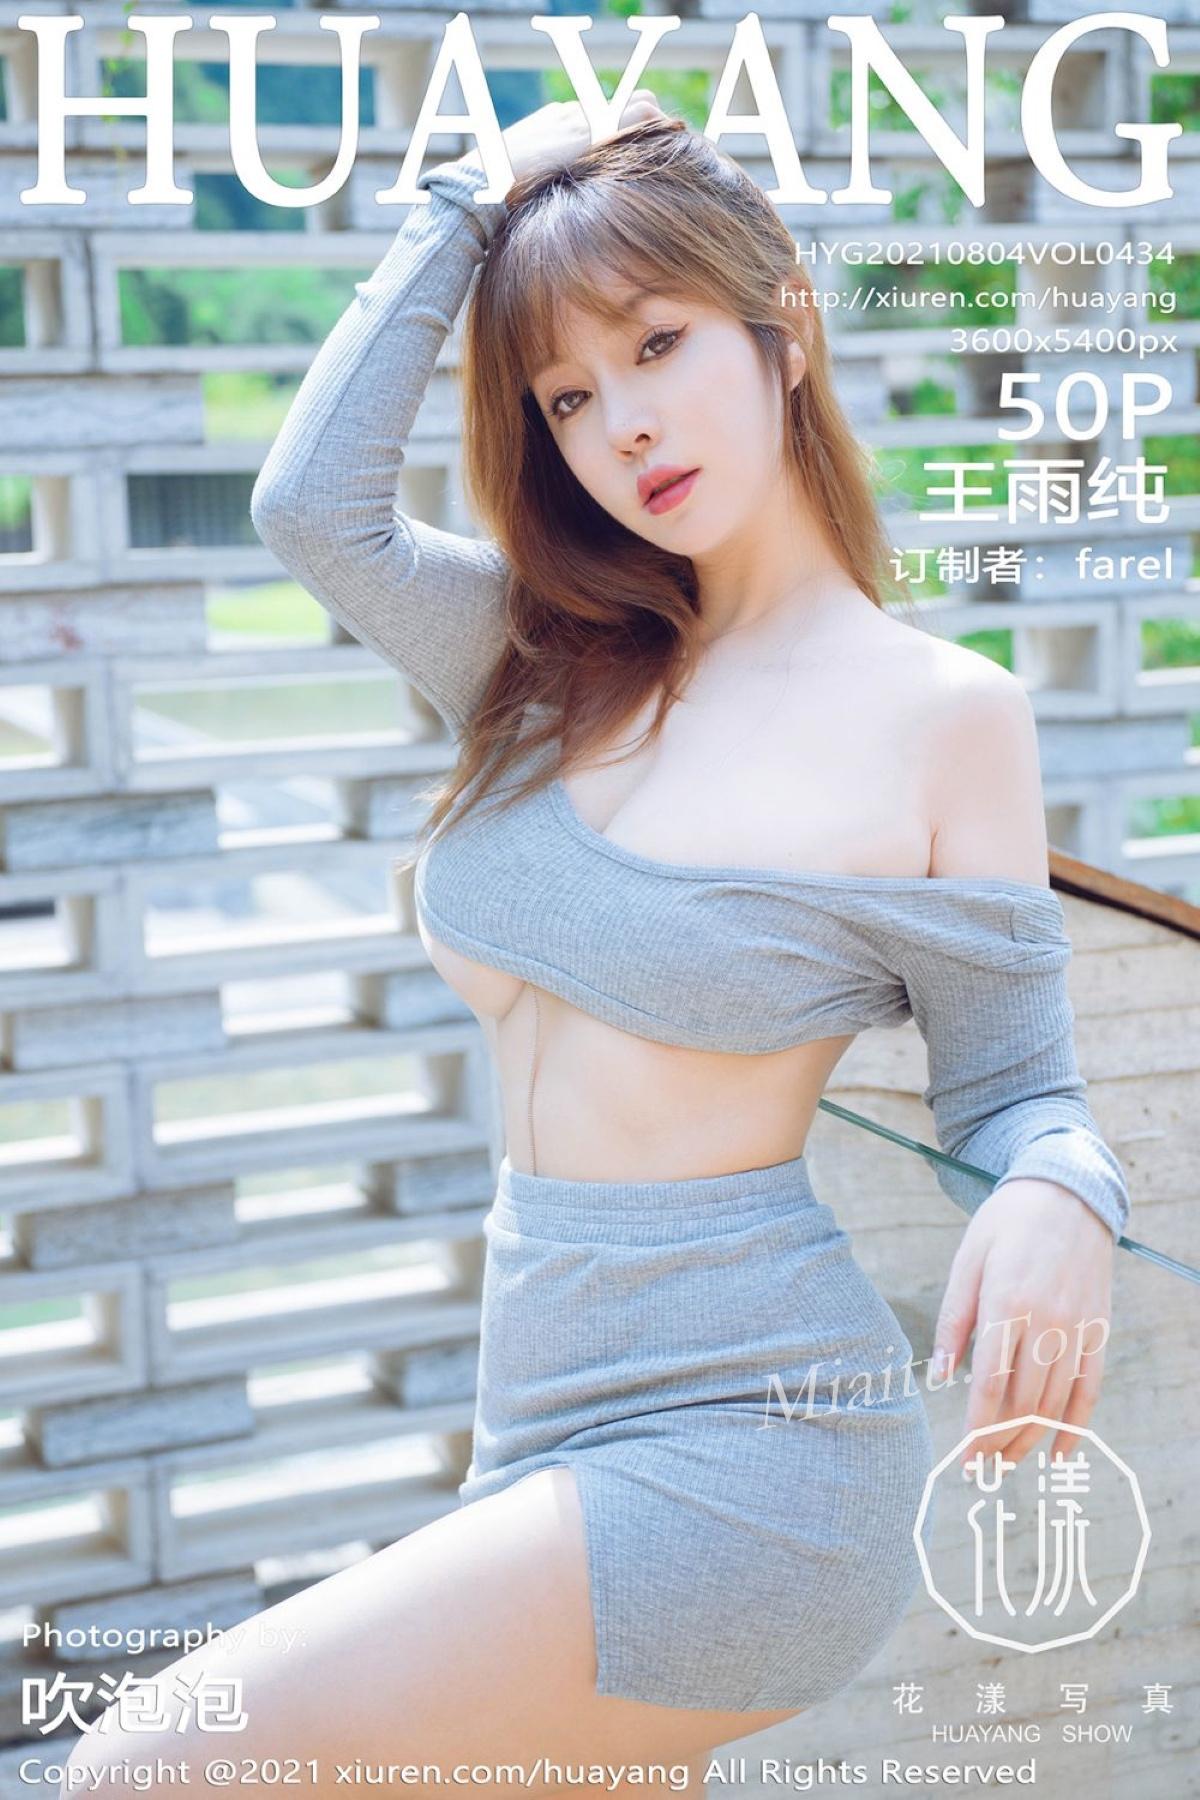 [HuaYang花漾] 2021.08.04 VOL.434 王雨纯 私人订制 [51P/709MB]